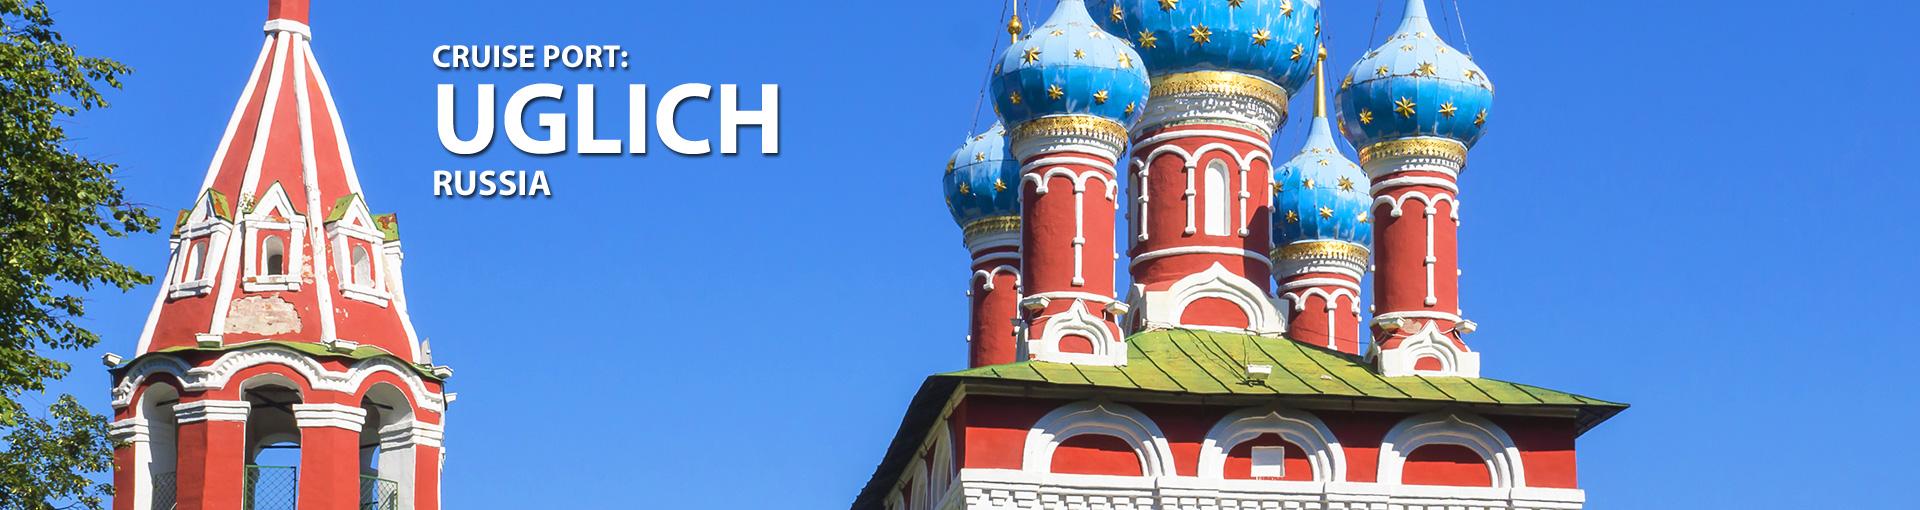 Cruises for Uglich, Russia